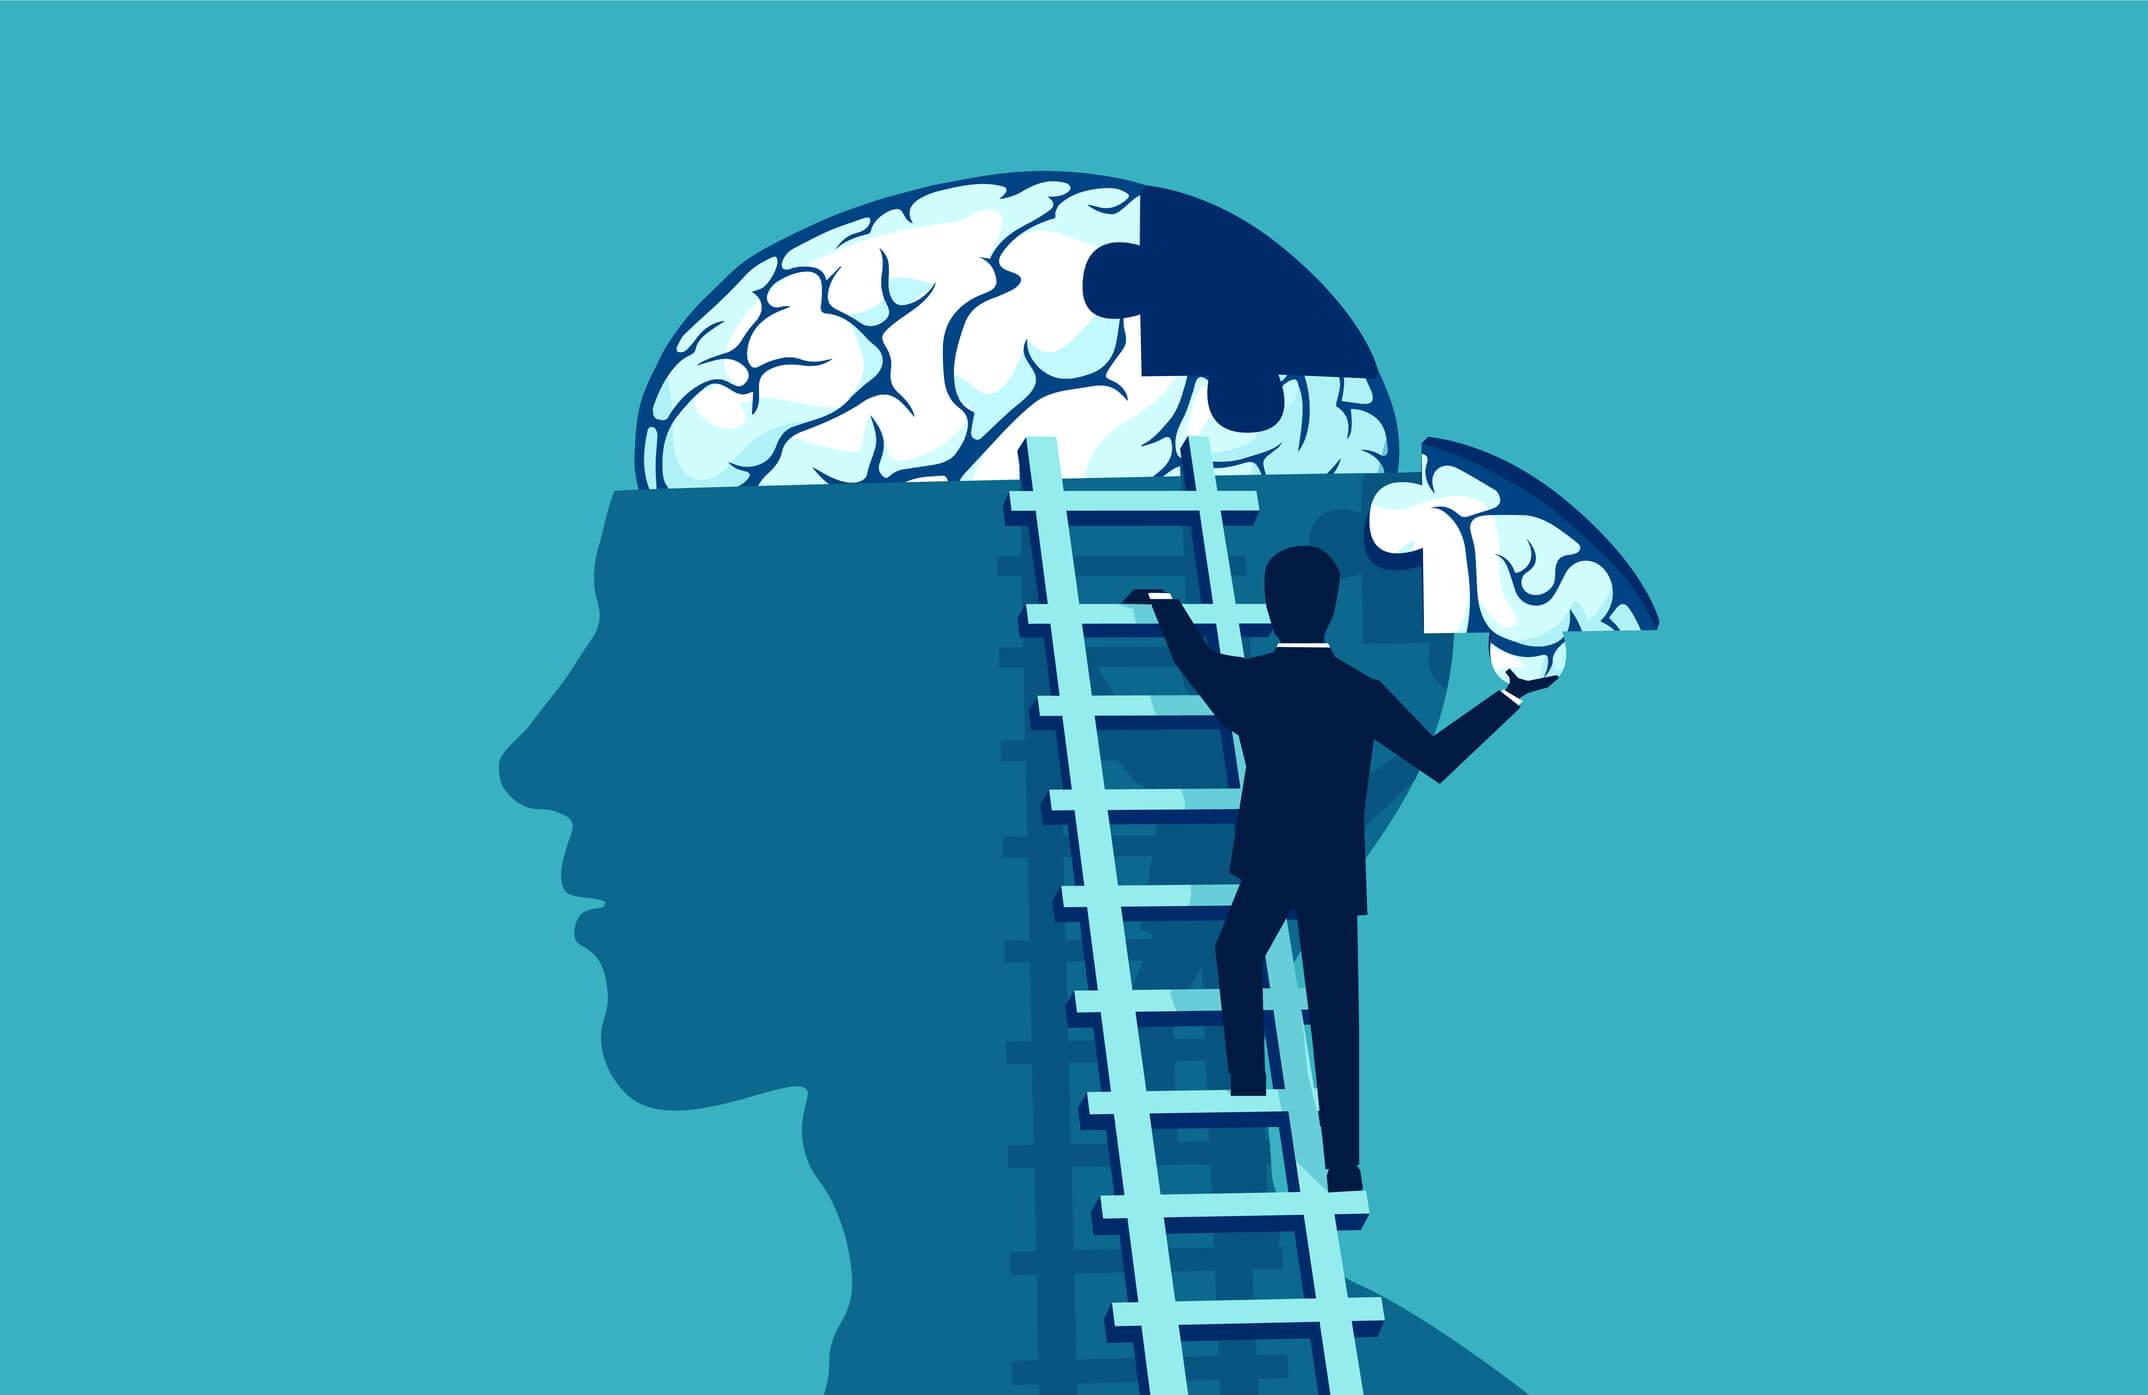 Psychologie im Marketing: Diese Tricks beeinflussen das Kaufverhalten